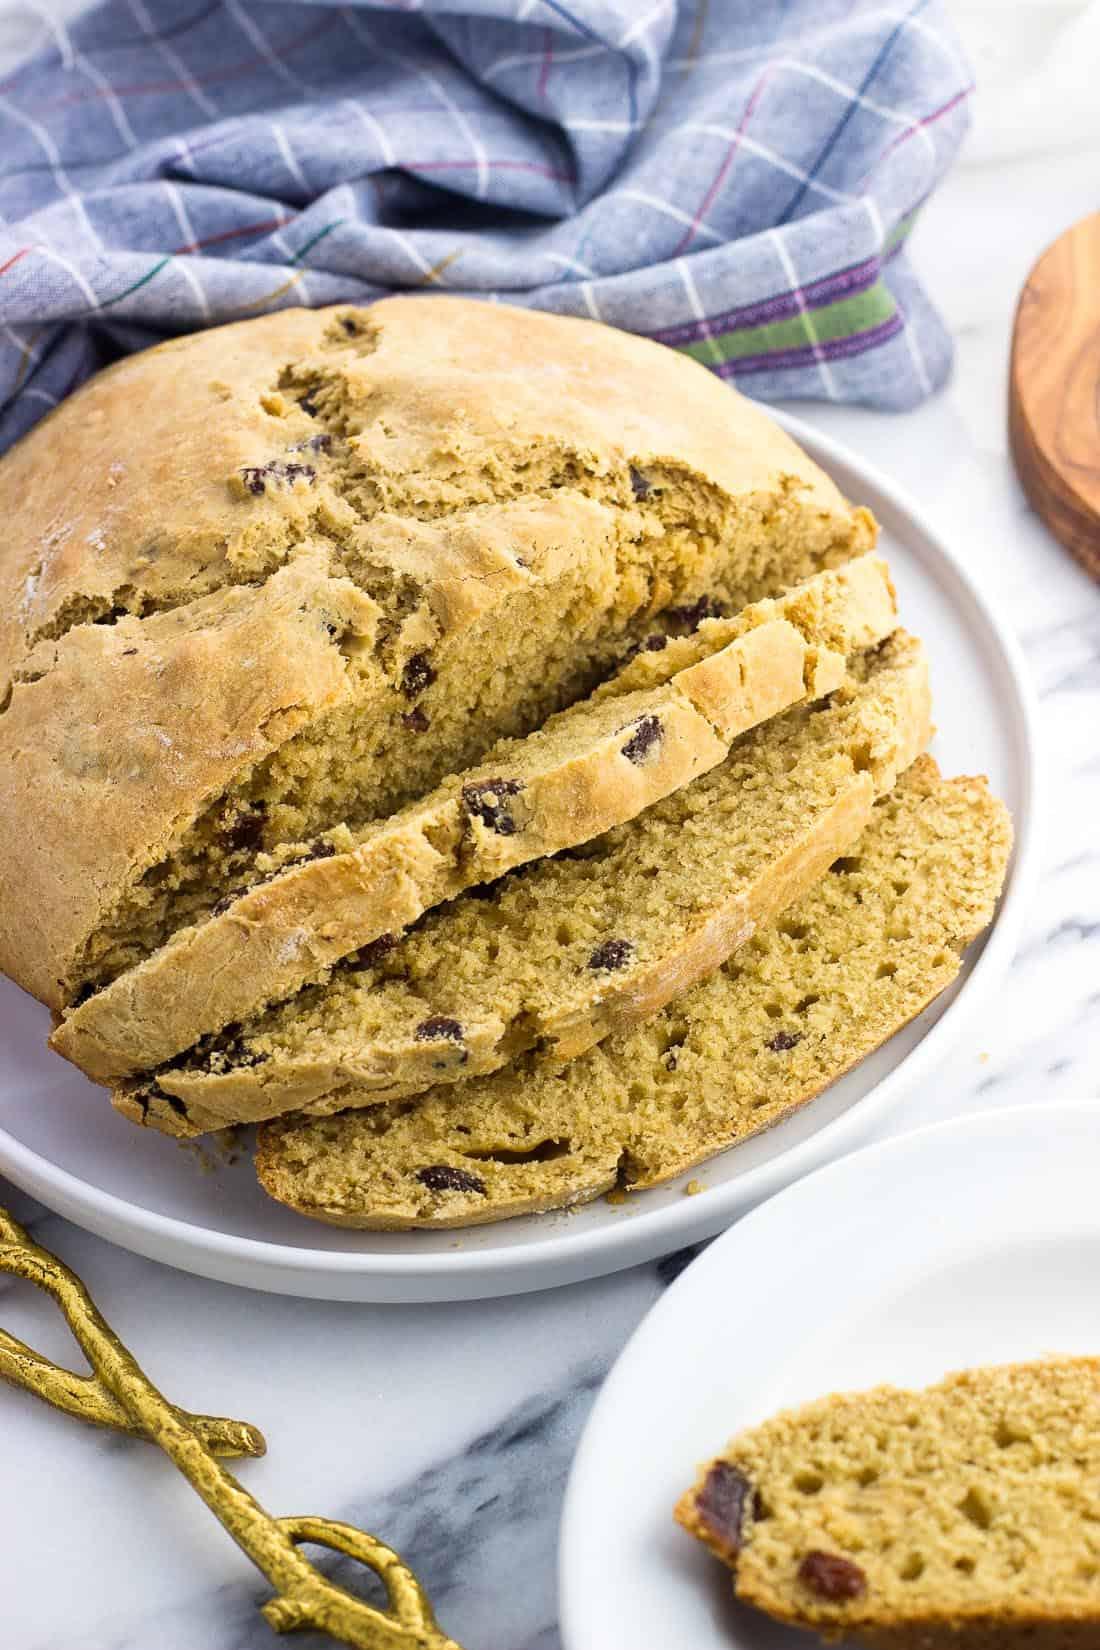 A loaf of maple Irish soda bread halfway sliced